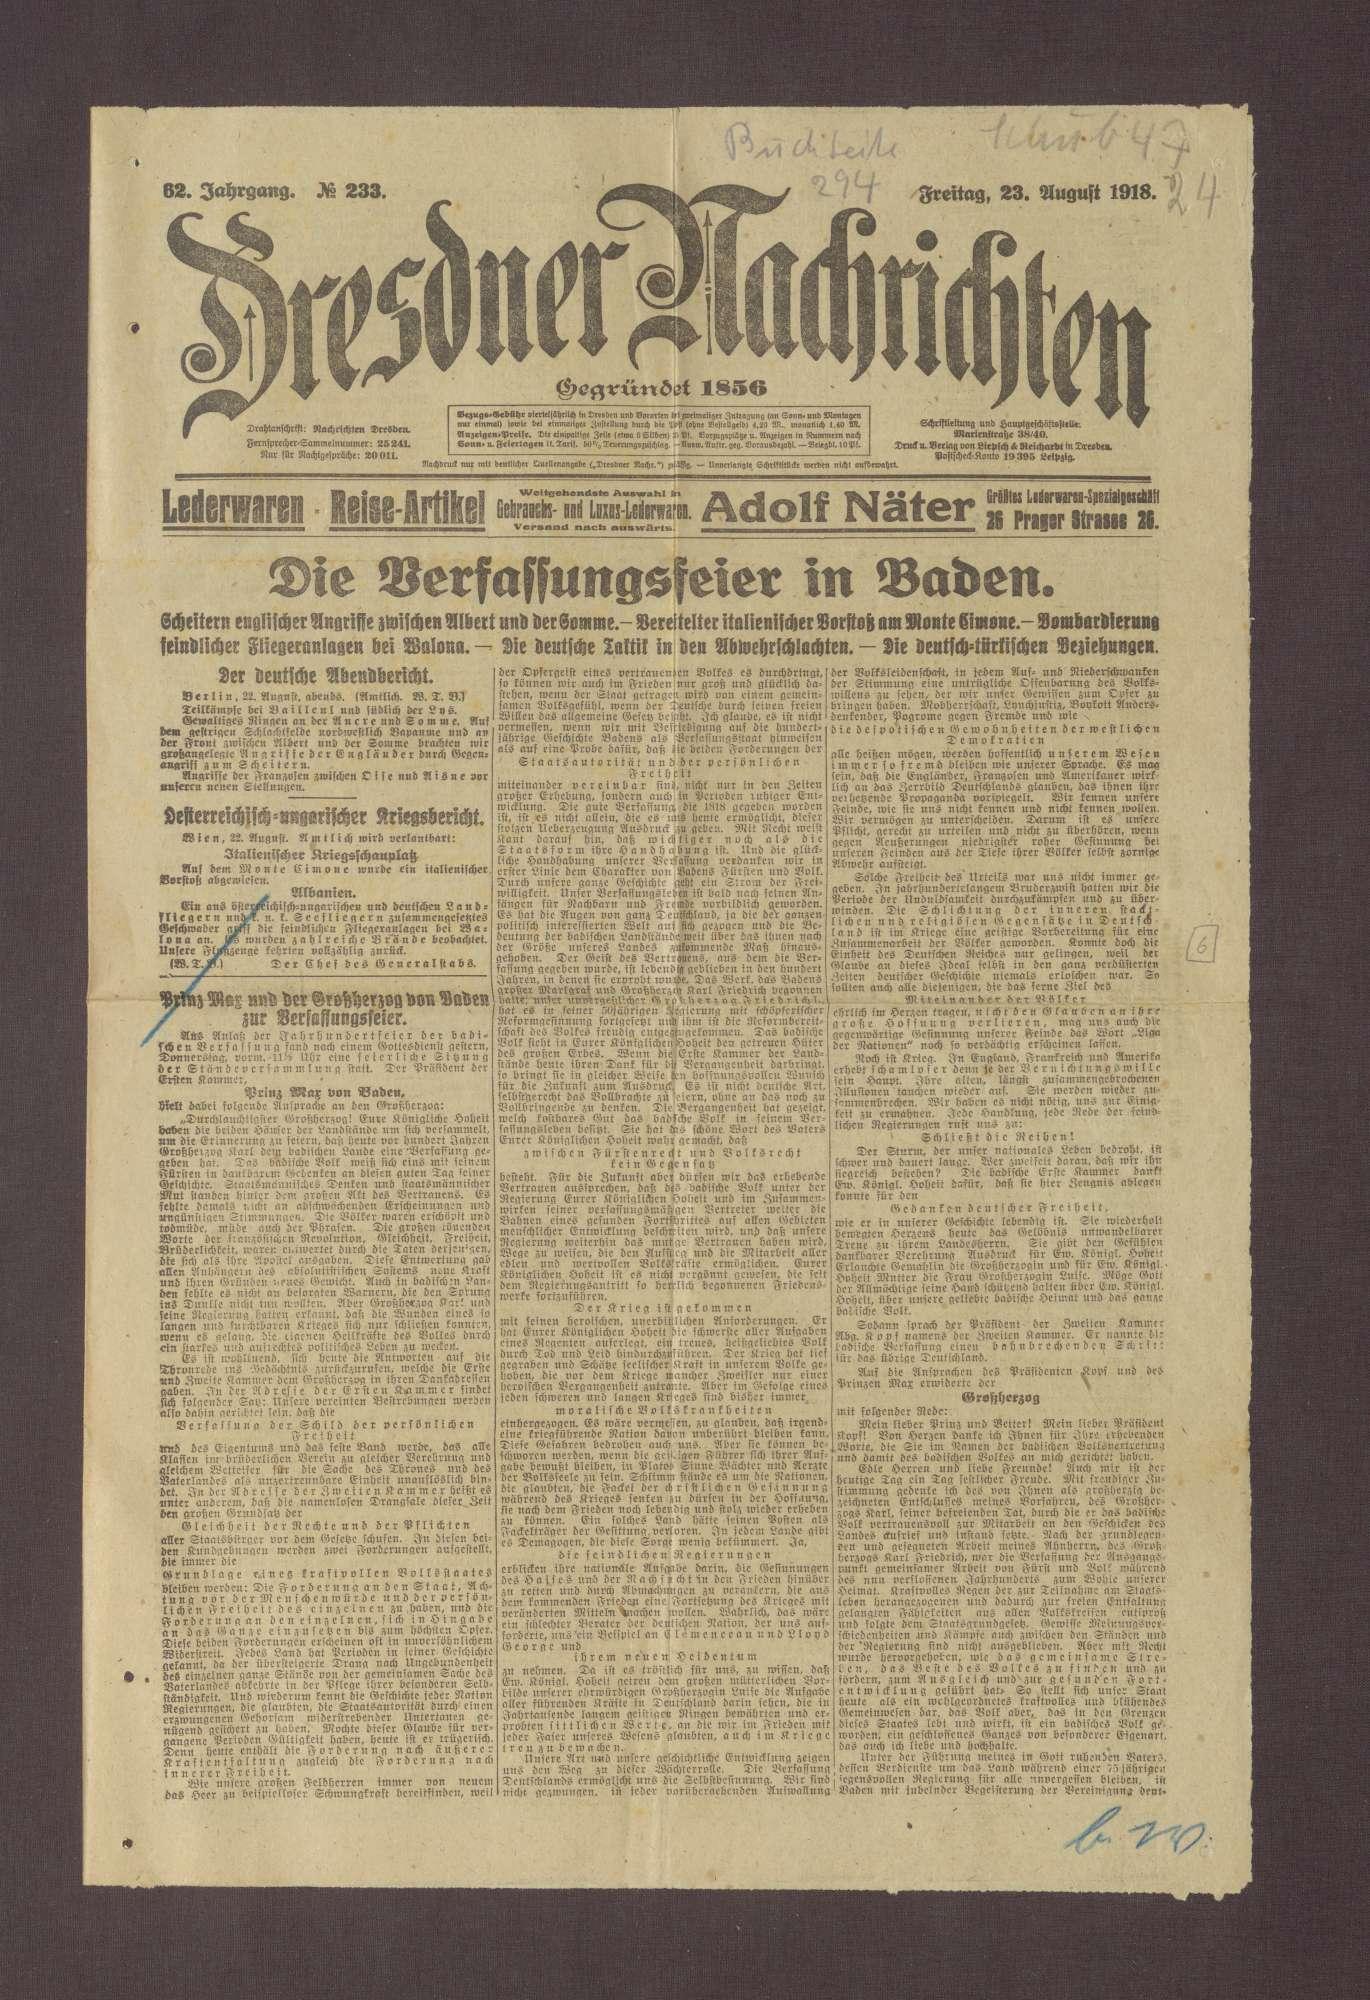 """Artikel in den Dresdner Nachrichten: """"Prinz Max und der Großherzog von Baden zur Verfassungsfeier"""", Bild 1"""